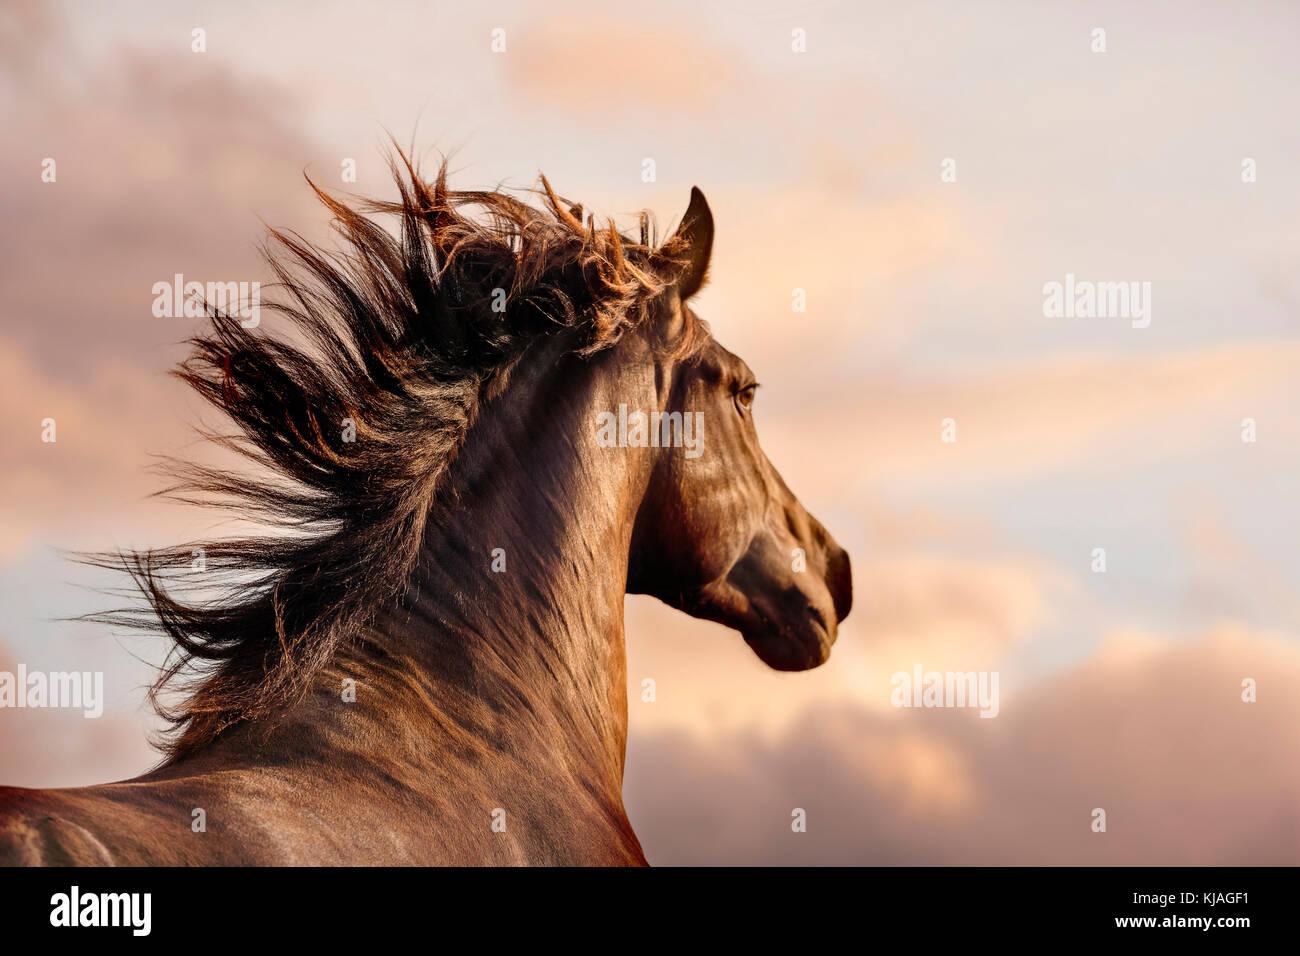 Cavallo Spagnolo andaluso. Ritratto di stallone dun nella luce della sera. Svizzera Foto Stock